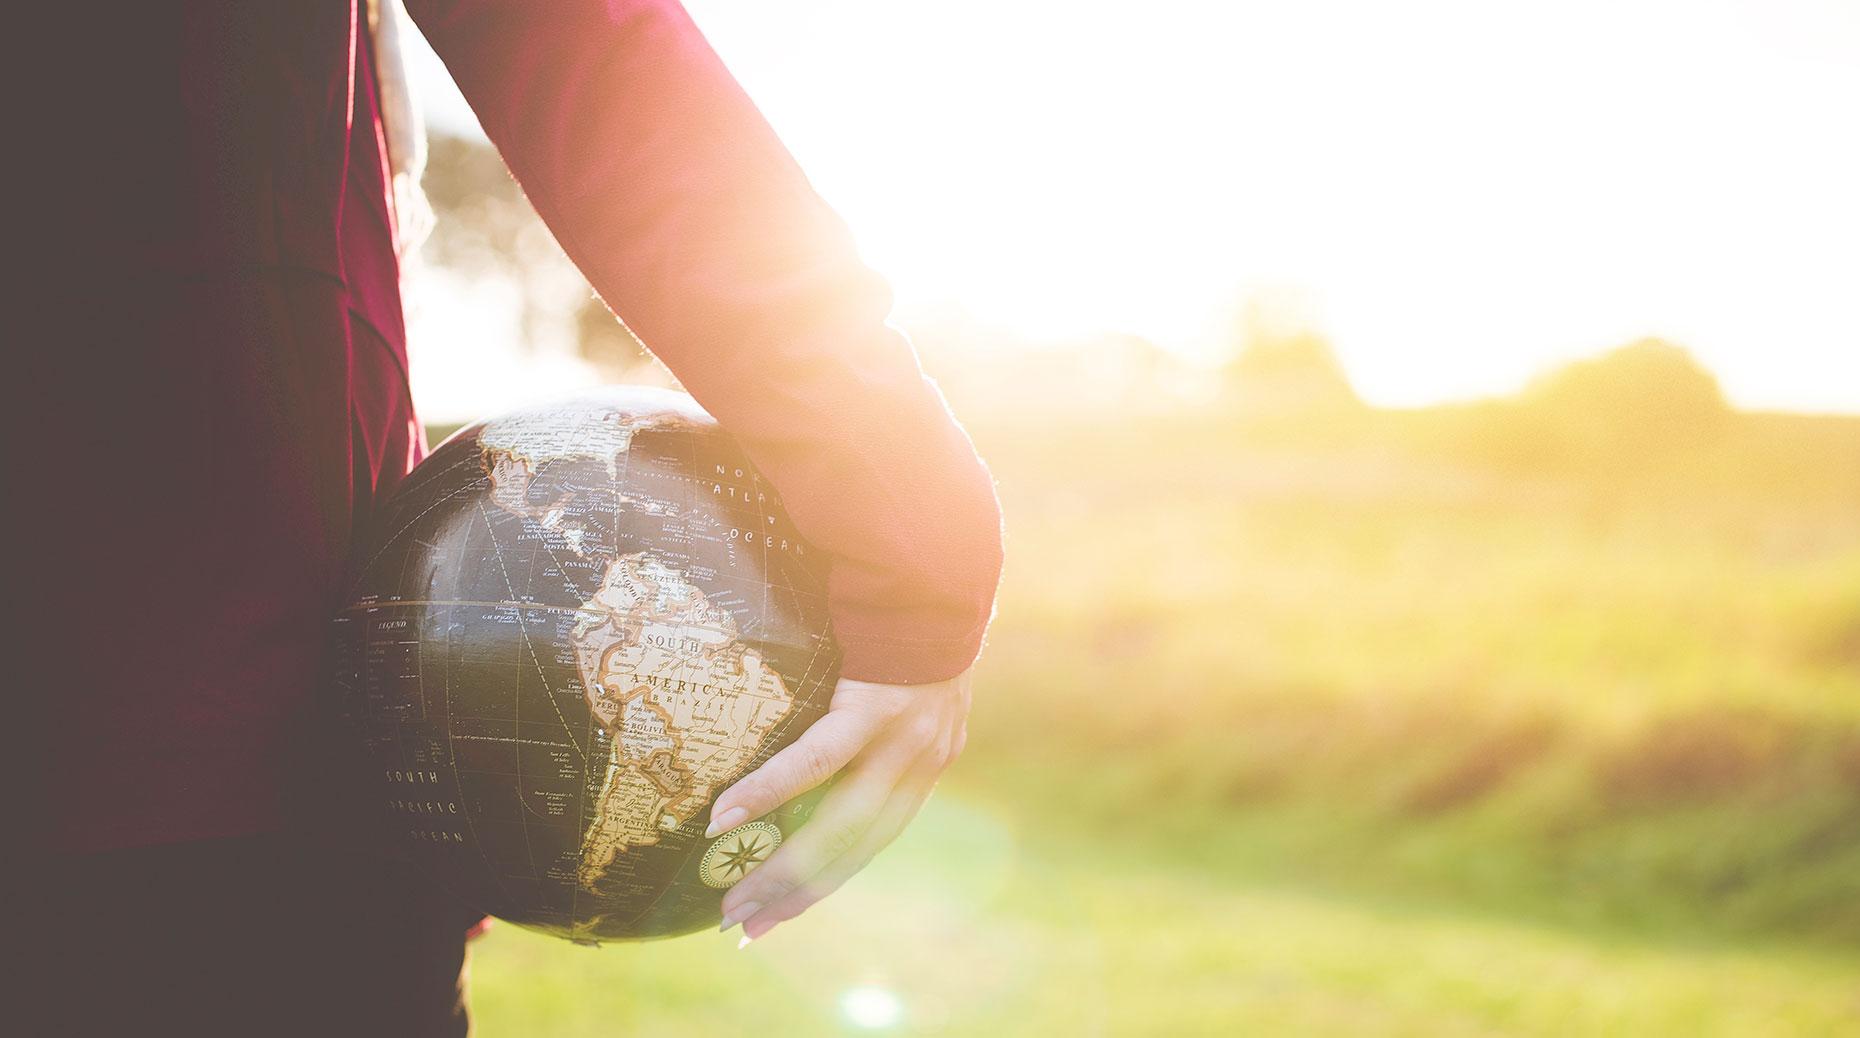 Marché: Les mutualistes perdent un peu de terrain au niveau mondial